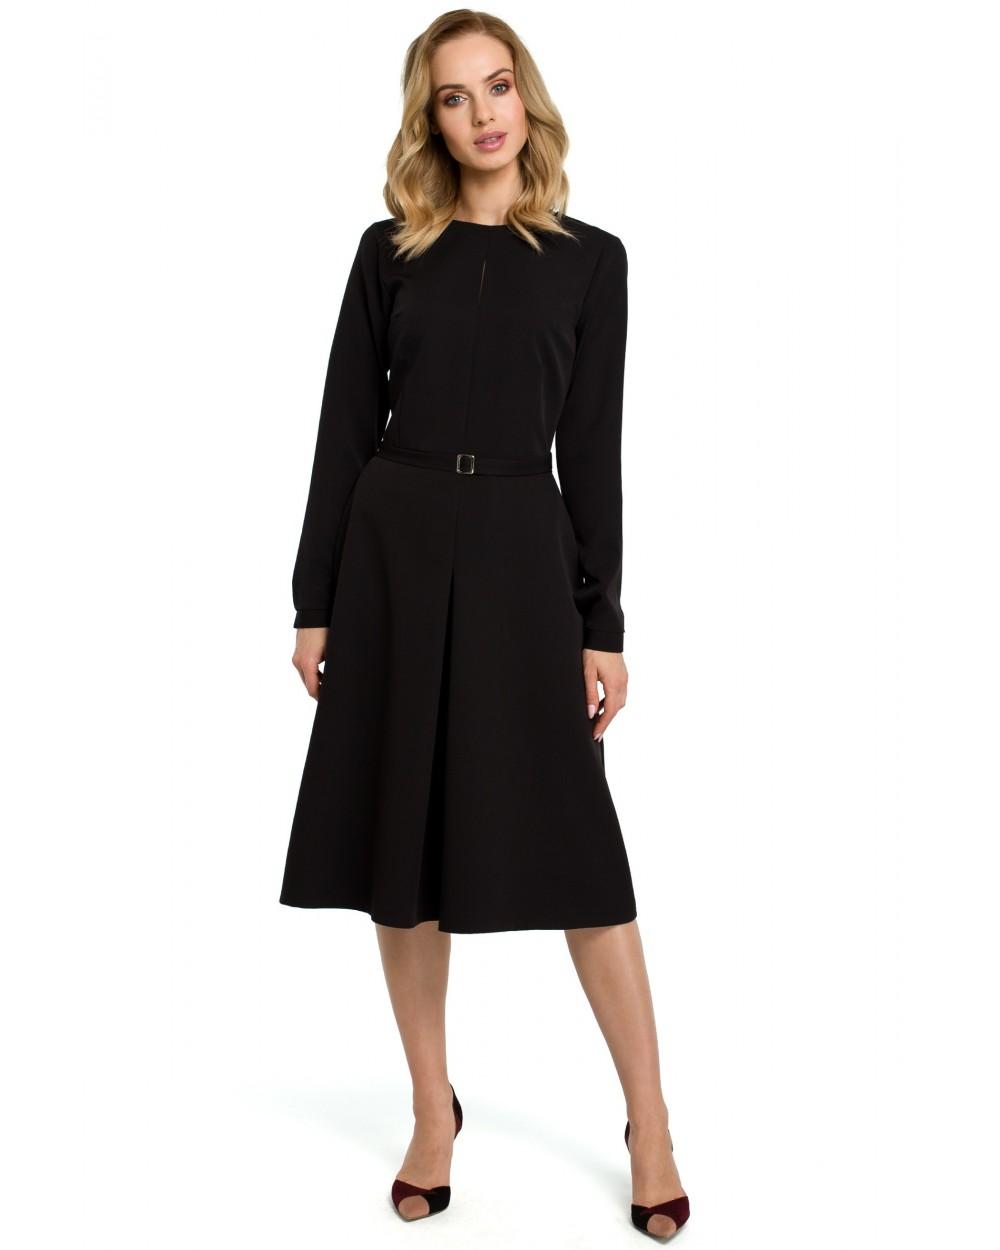 de6892b95 Sukienki damskie eleganckie klasyczne midi czarne sklep Slango